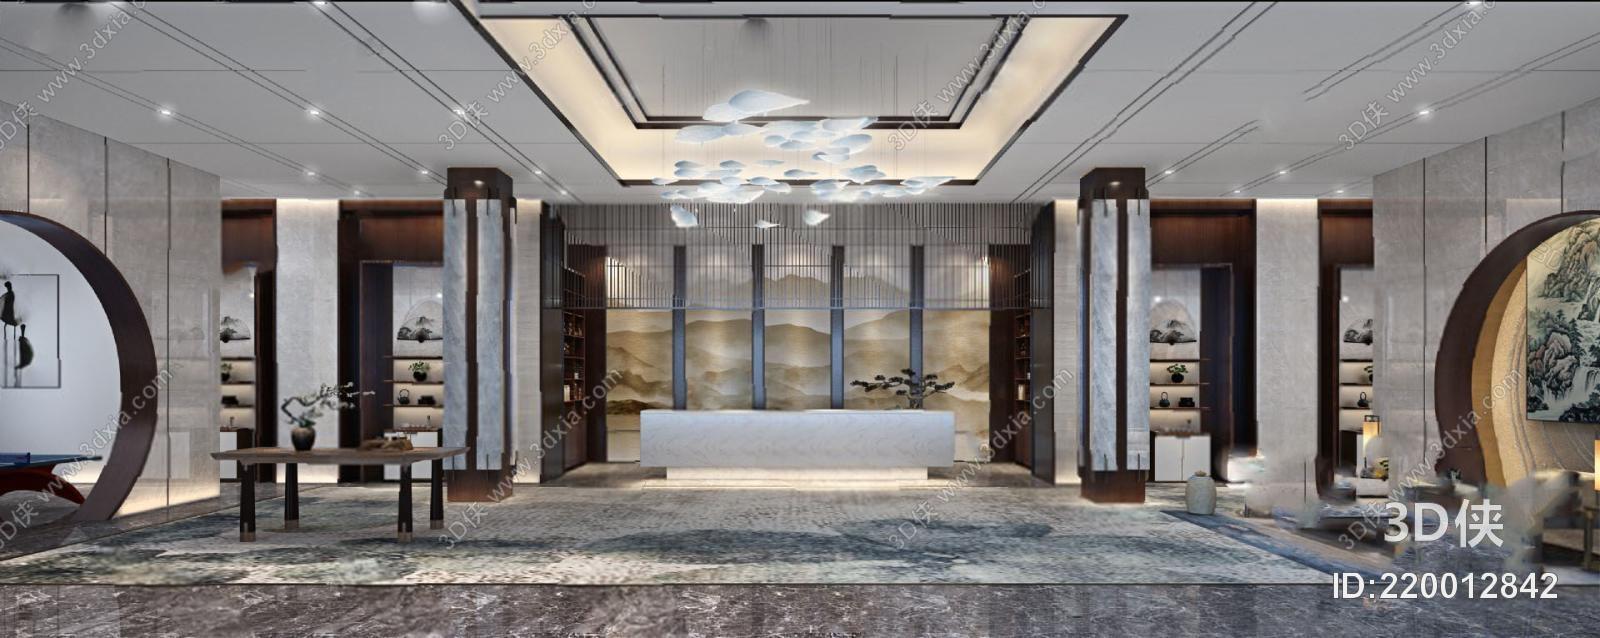 酒店大堂效果图素材免费下载,本作品主题是新中式酒店大厅3d模型,编号